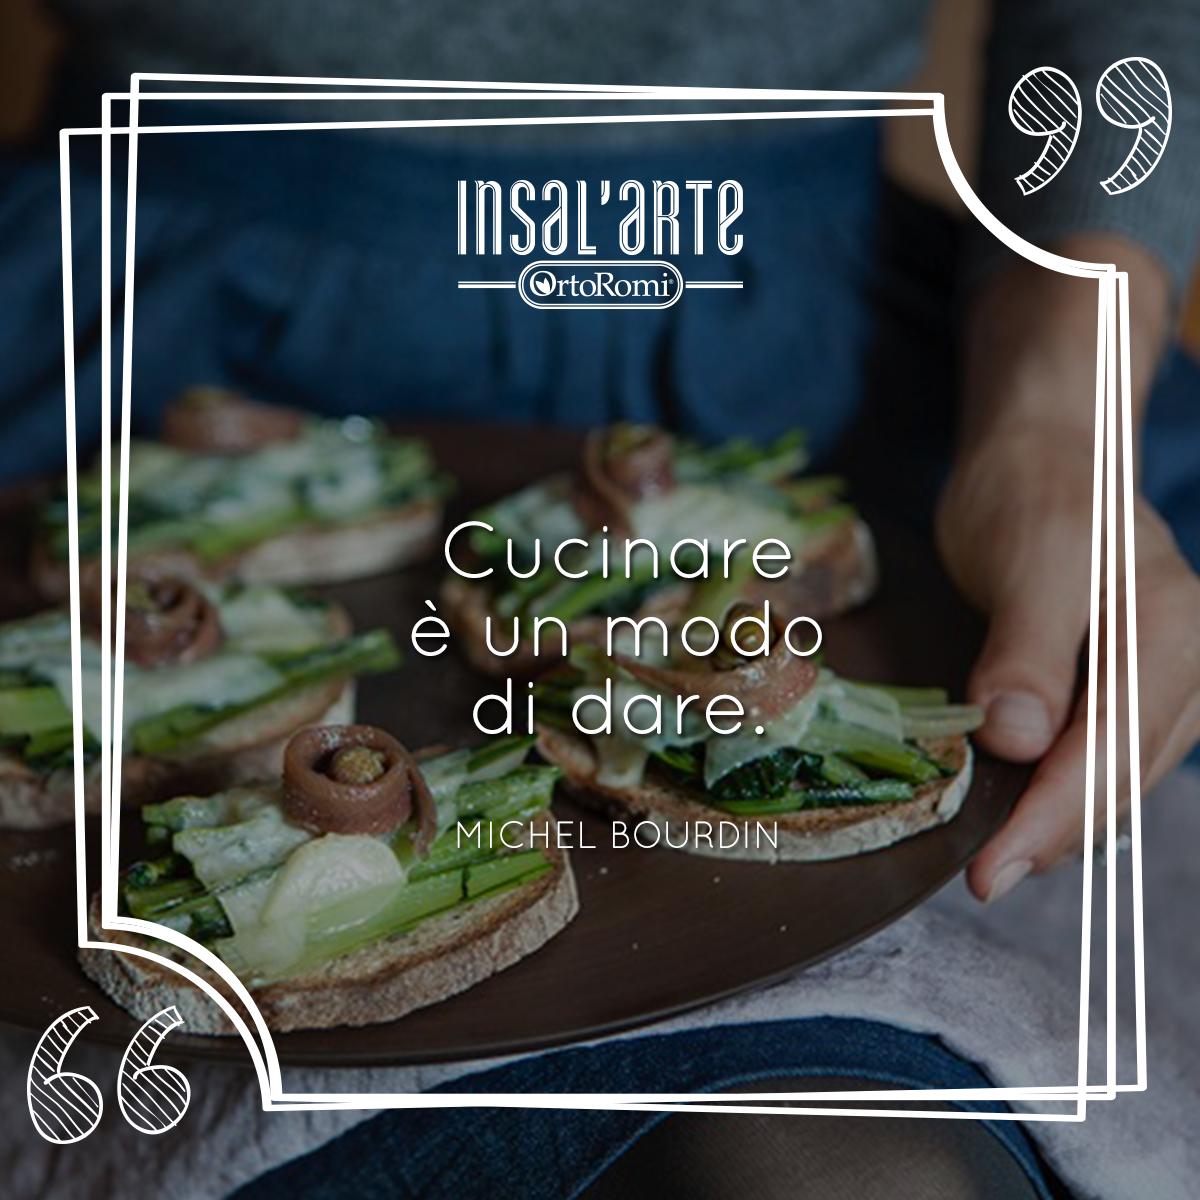 Cucinare è un modo di dare. #quotes #citazioni #food #InsalArte ...